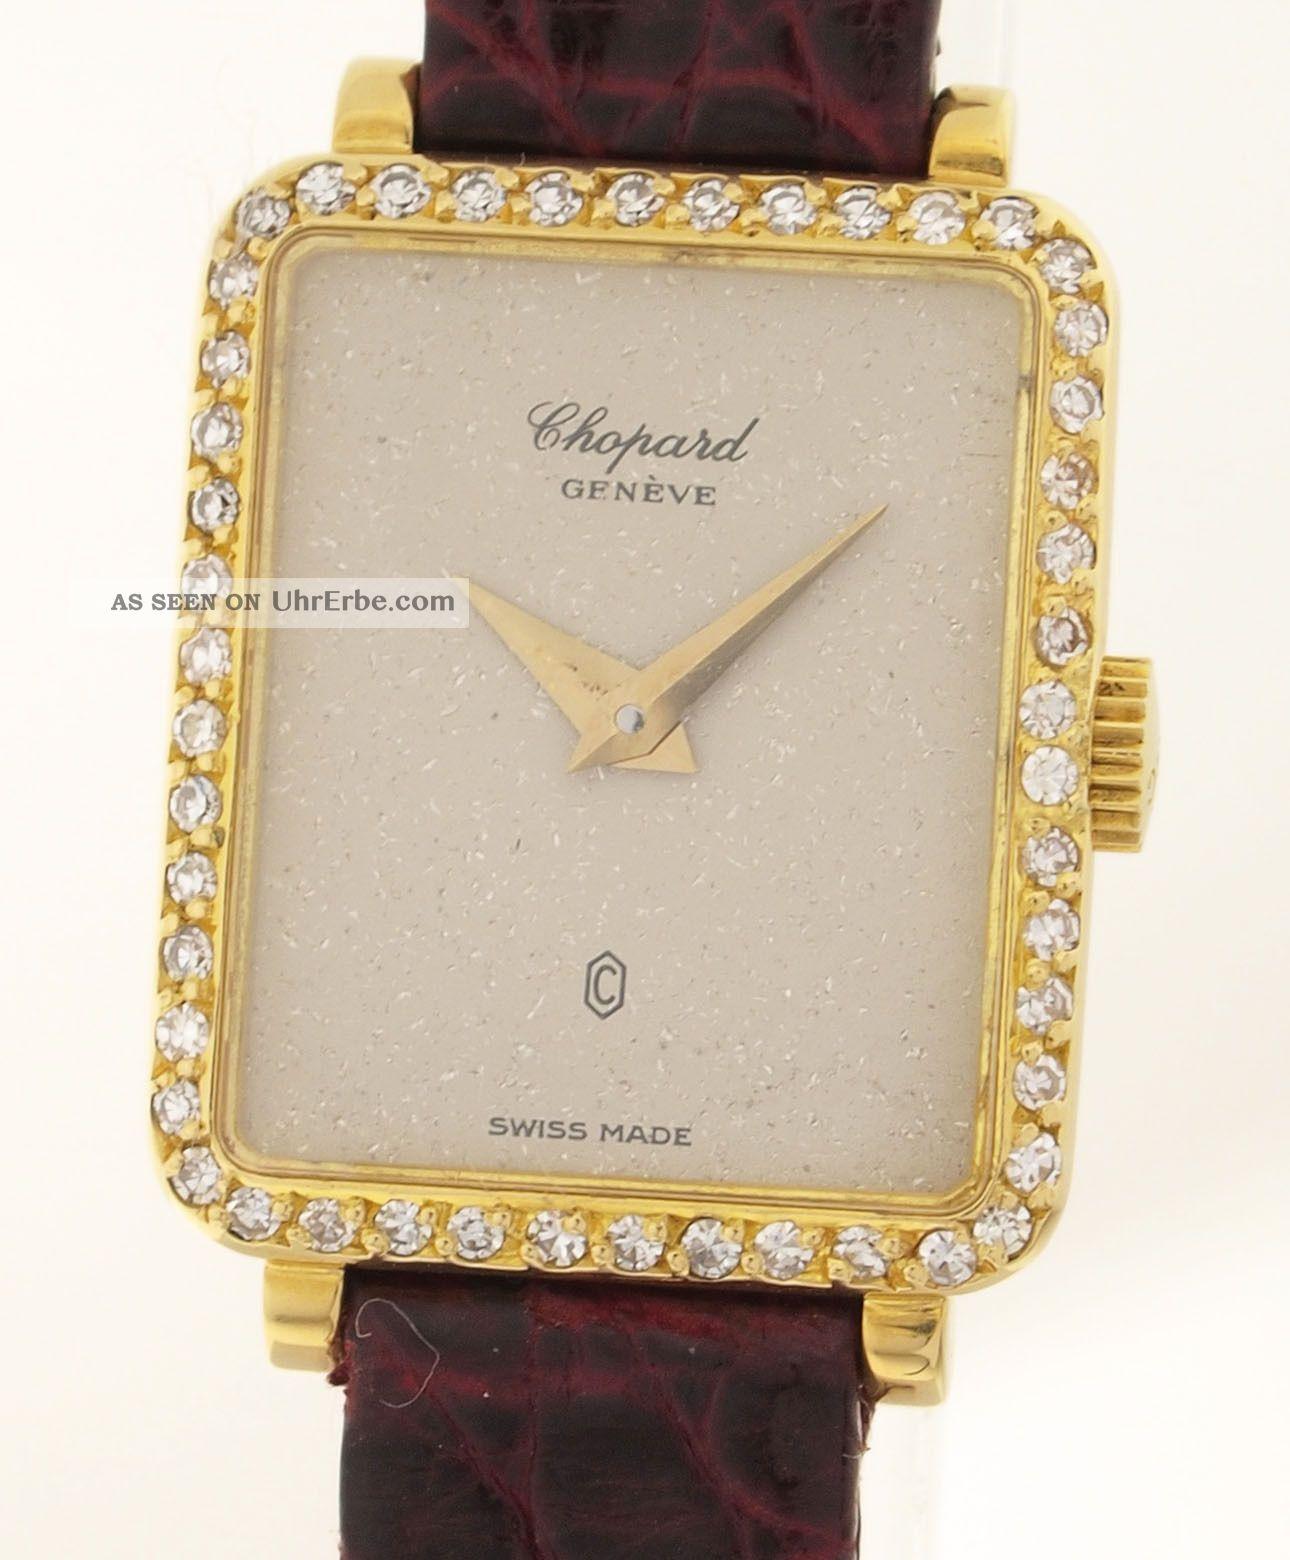 Chopard Geneve Damen Armbanduhr - In 18ct Gold Mit 48 Diamanten - Alter: 1980er Armbanduhren Bild